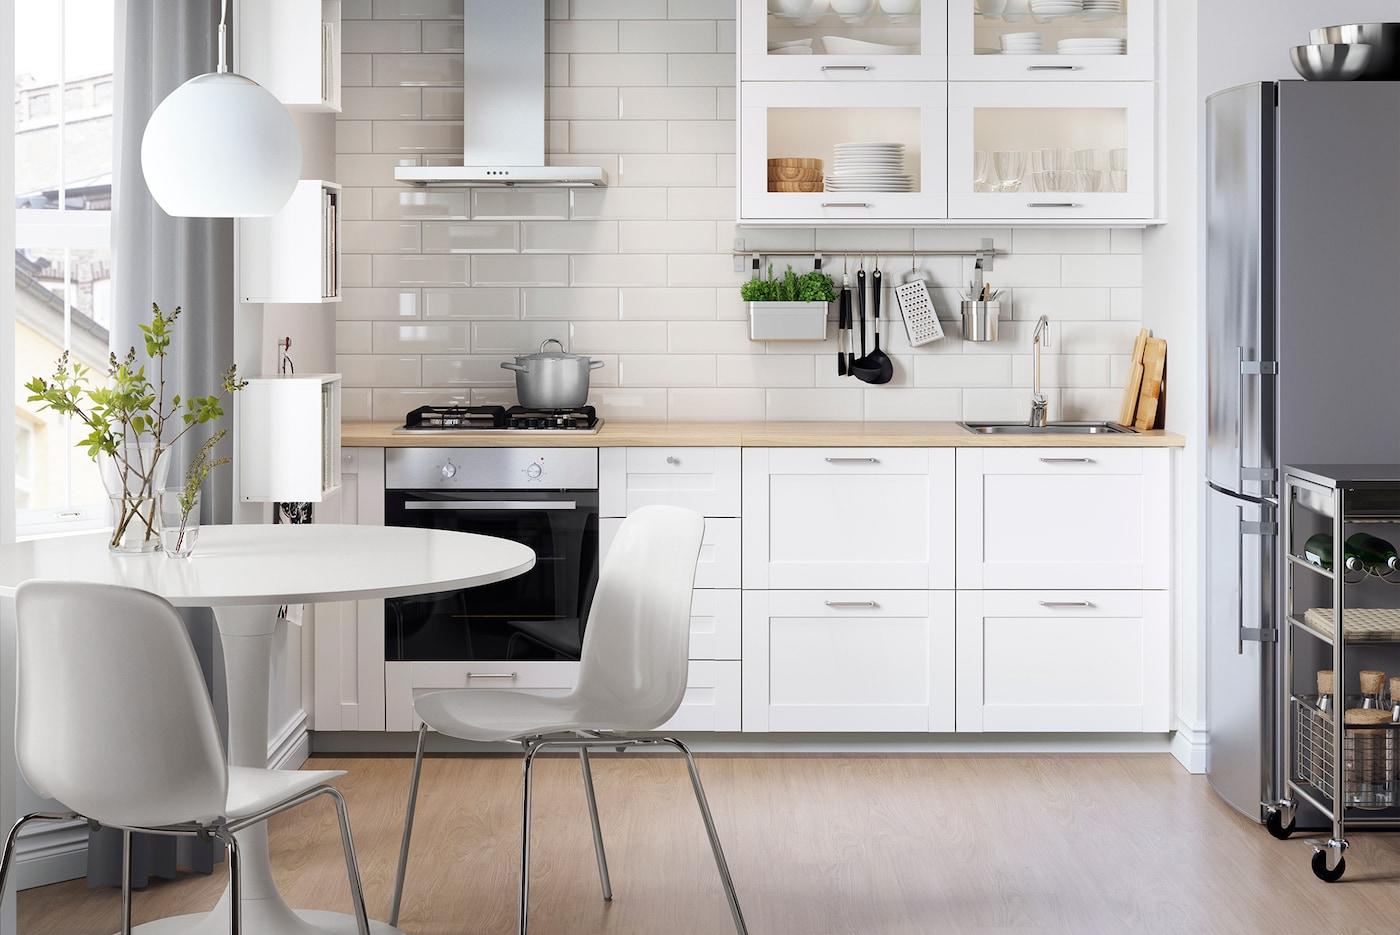 Kleine küche einrichten platz optimal nutzen ikea